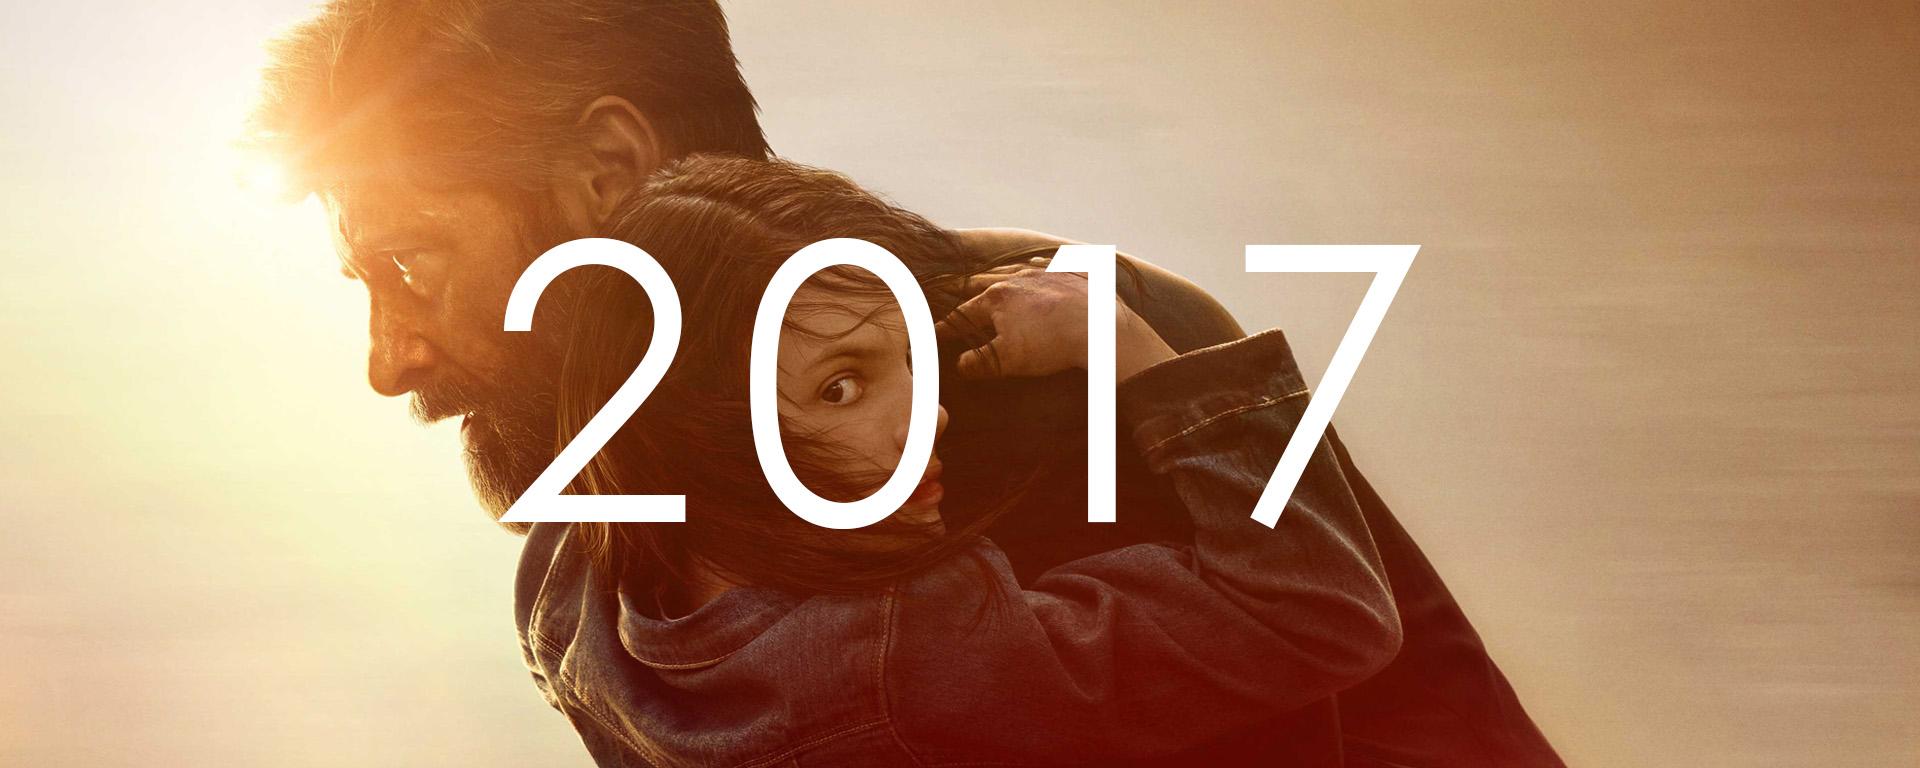 2017-anticipadas-2